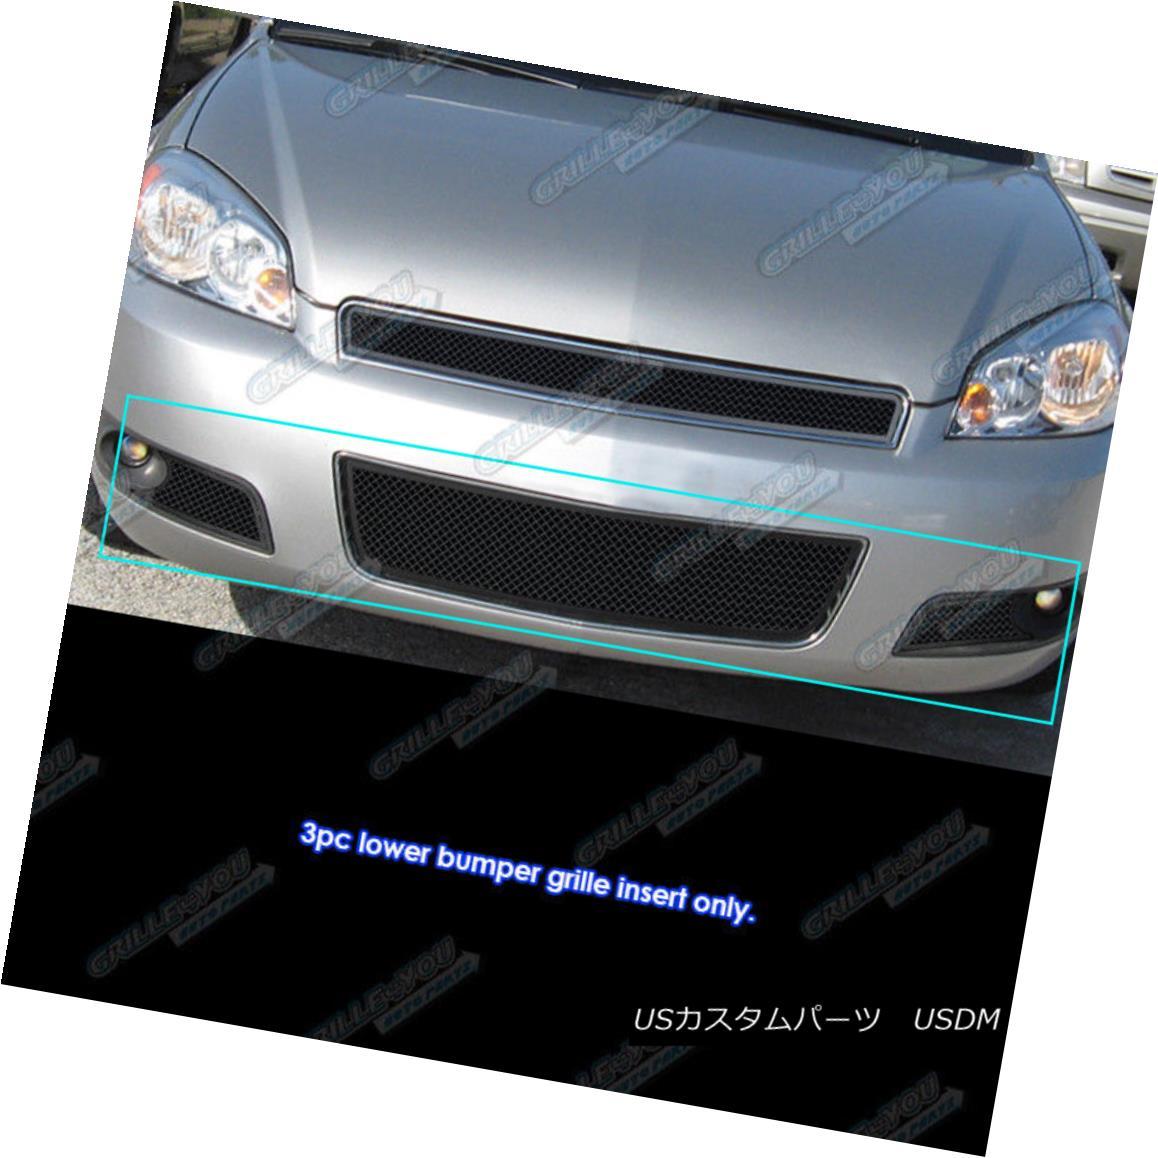 グリル For 2006-2013 Chevy Impala With Fog Light Stainless Black Bumper Mesh Grille 2006-2013シボレーインパラフォグライトステンレスブラックバンパーメッシュグリル